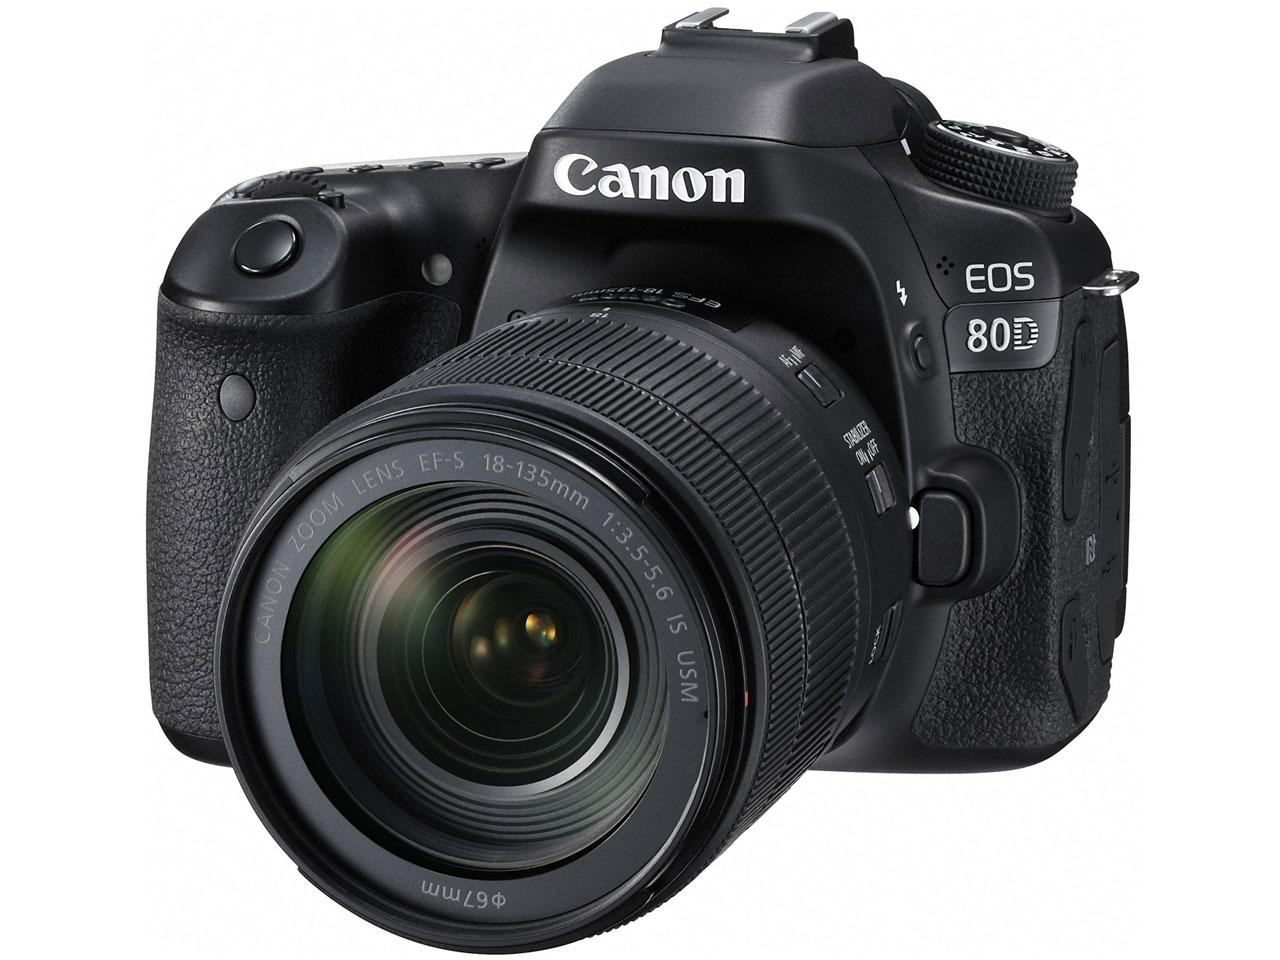 EOS 80D EF-S18-135 IS USM レンズキット の製品画像